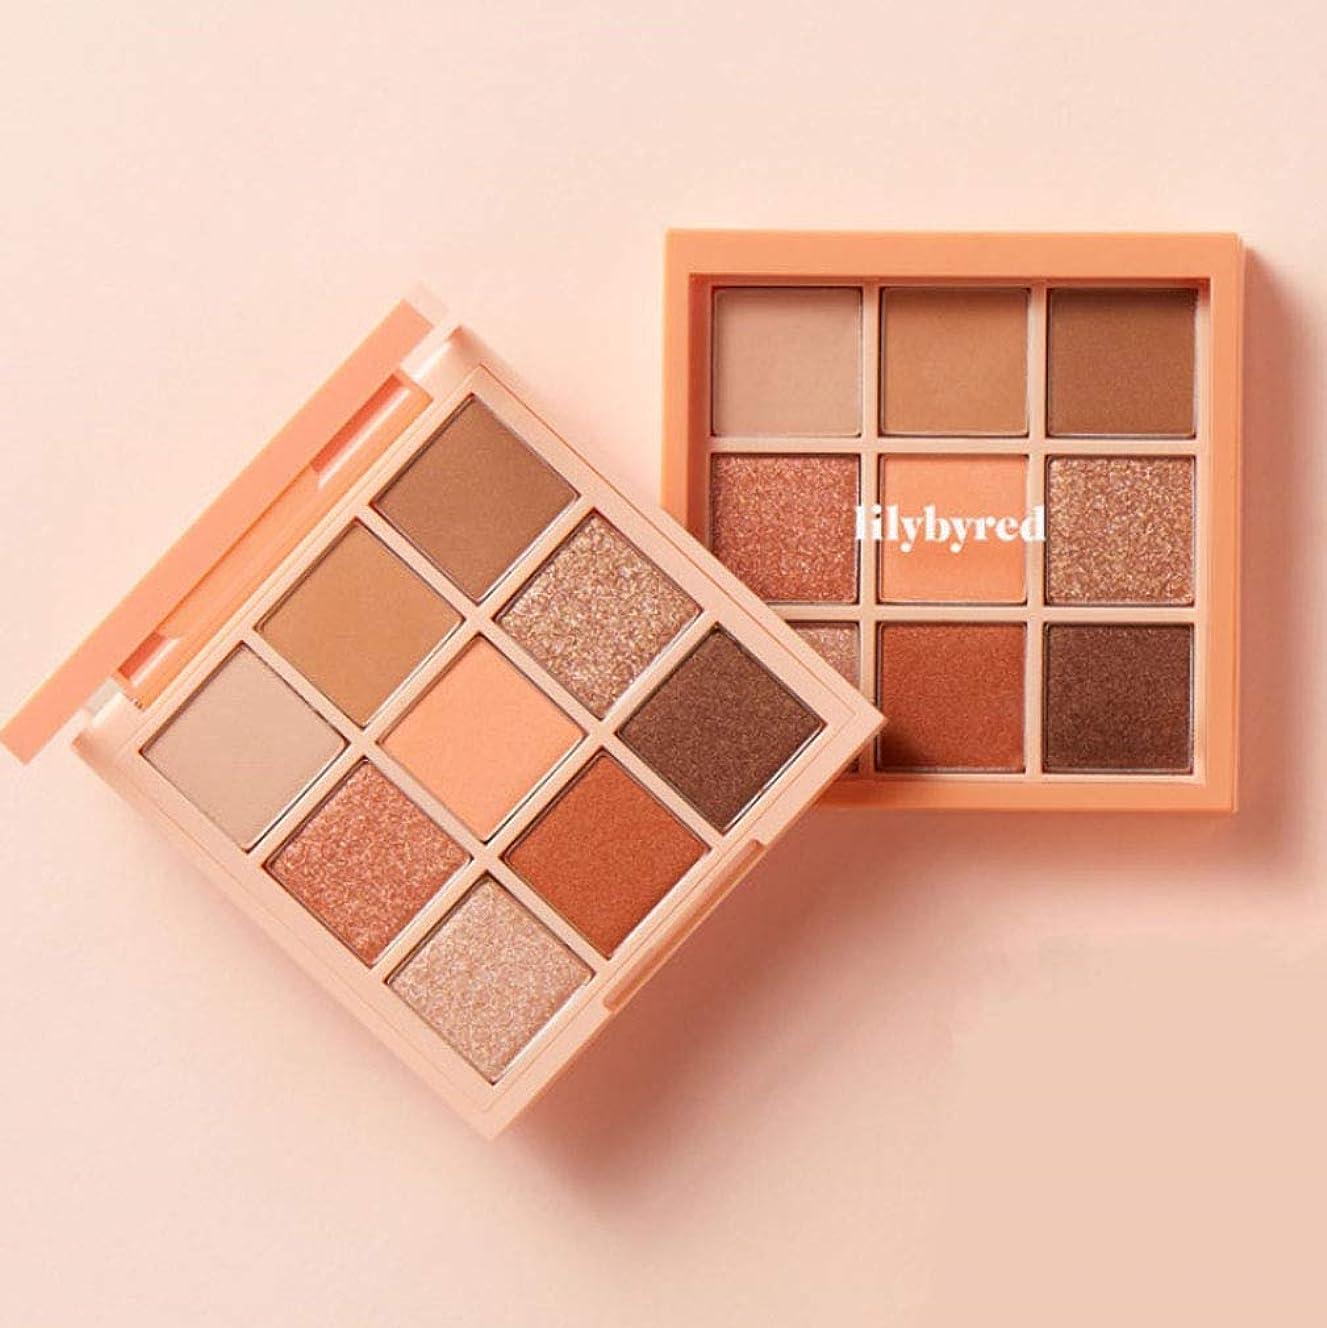 郵便屋さん休憩葉っぱLILYBYRED Mood Cheat Kit Eyeshadow Palette #Peach Energy 告発色、高密着、告知の中独歩的な高クオリティアイシャドウパレット9color(並行輸入品)